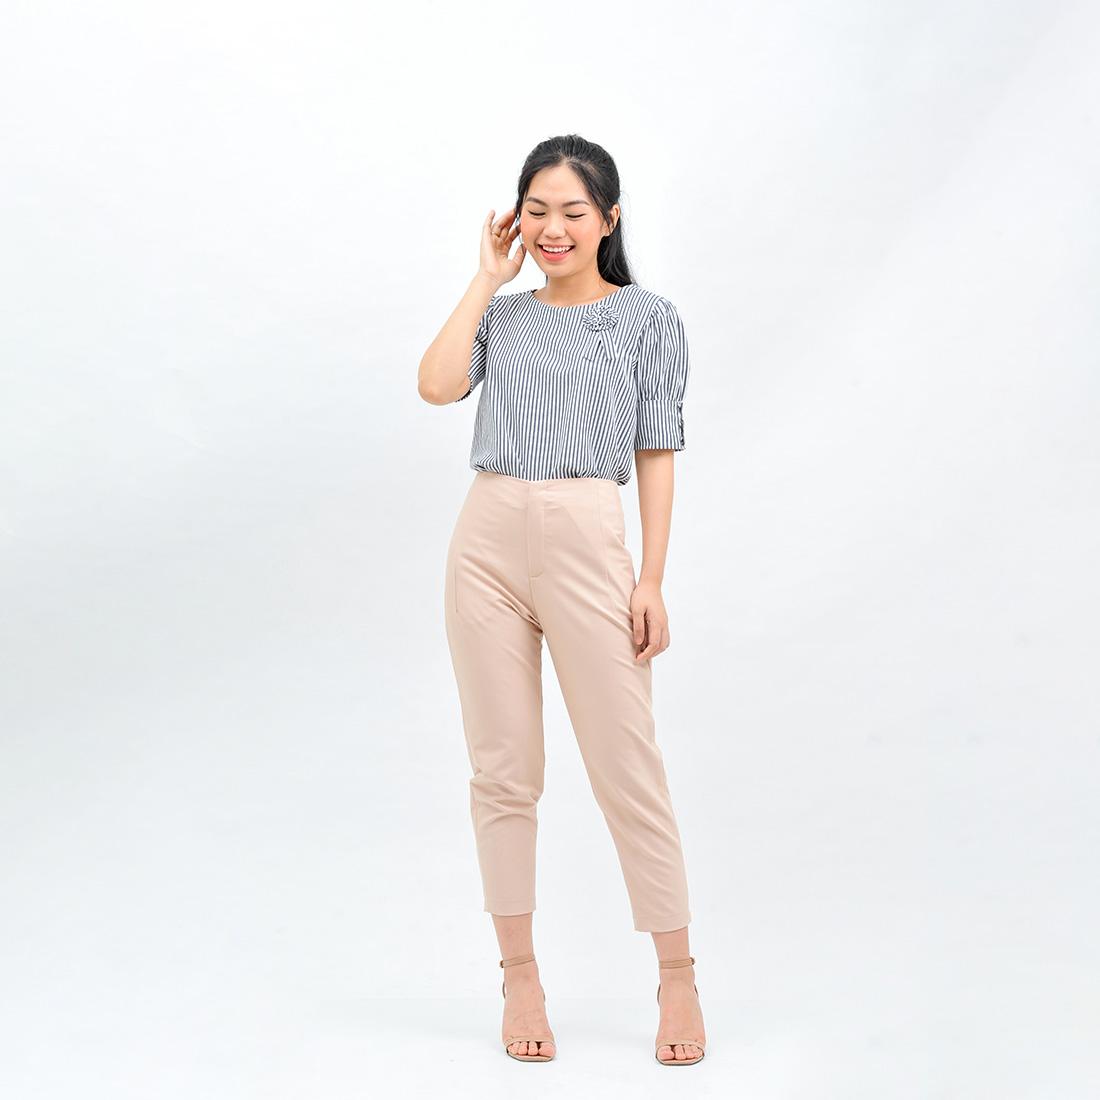 Áo kiểu nữ thời trang Eden dáng suông. Chất liệu cotton linen mềm mại, không nhăn. Màu sắc trẻ trung, họa tiết kẻ sọc phù hợp với mọi dáng người - ASM120